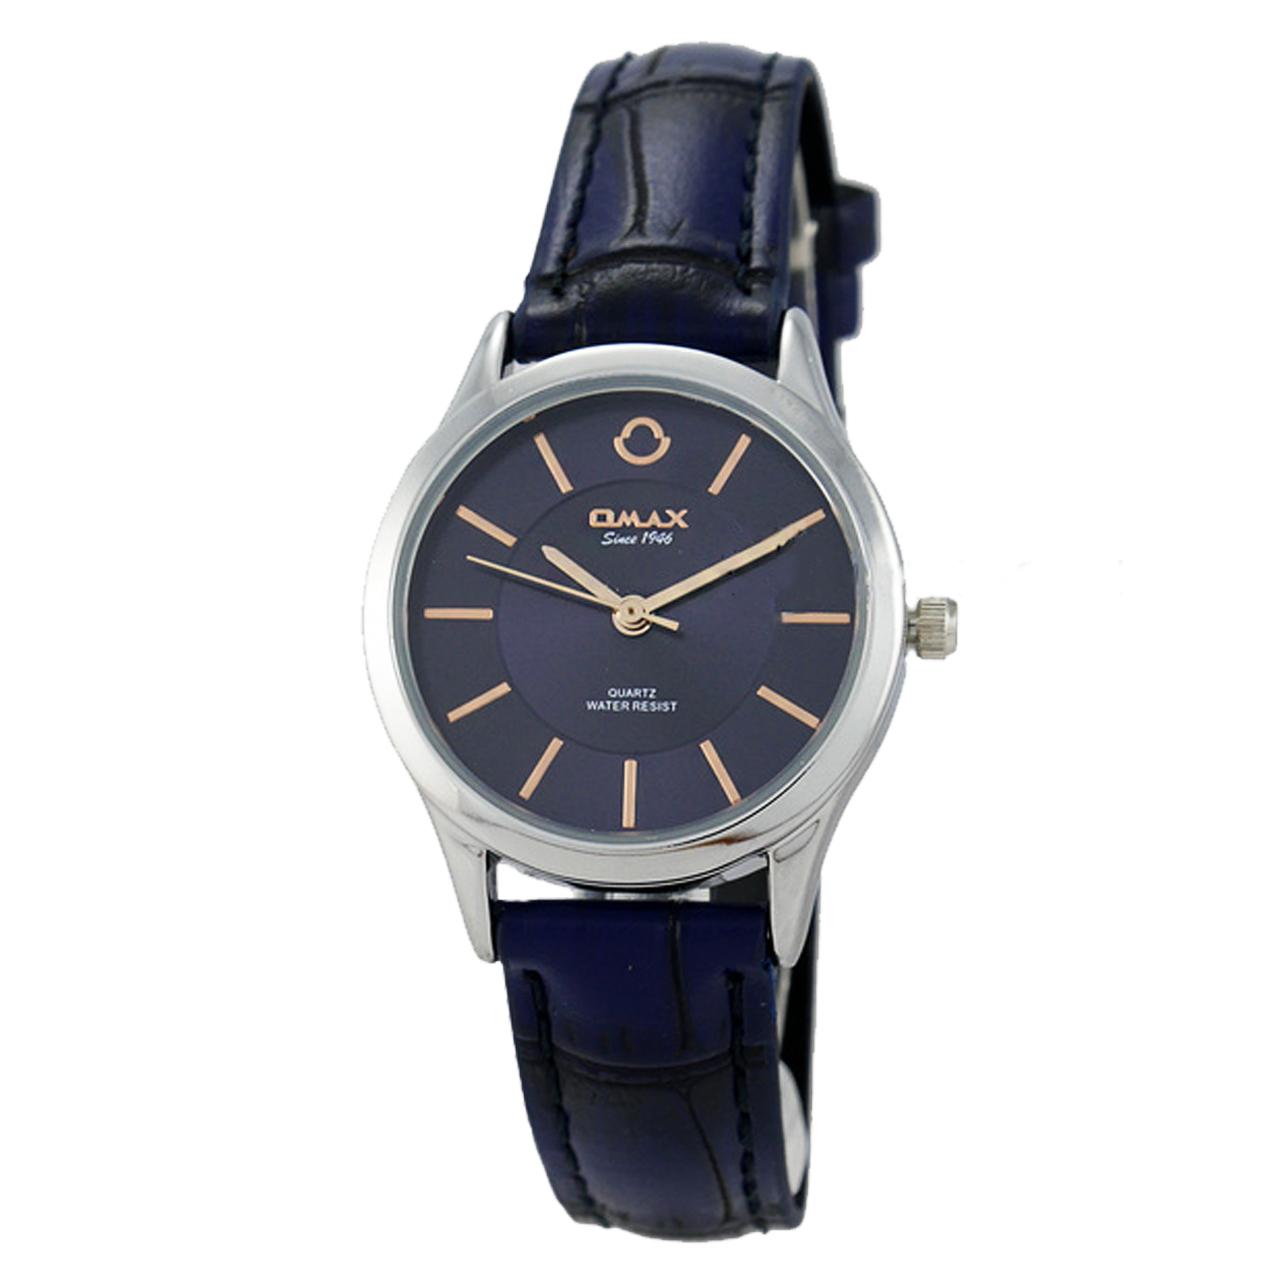 ساعت مچی عقربه ای زنانه اوماکس مدل pr0006 به همراه دستمال مخصوص برند کلین واچ 22